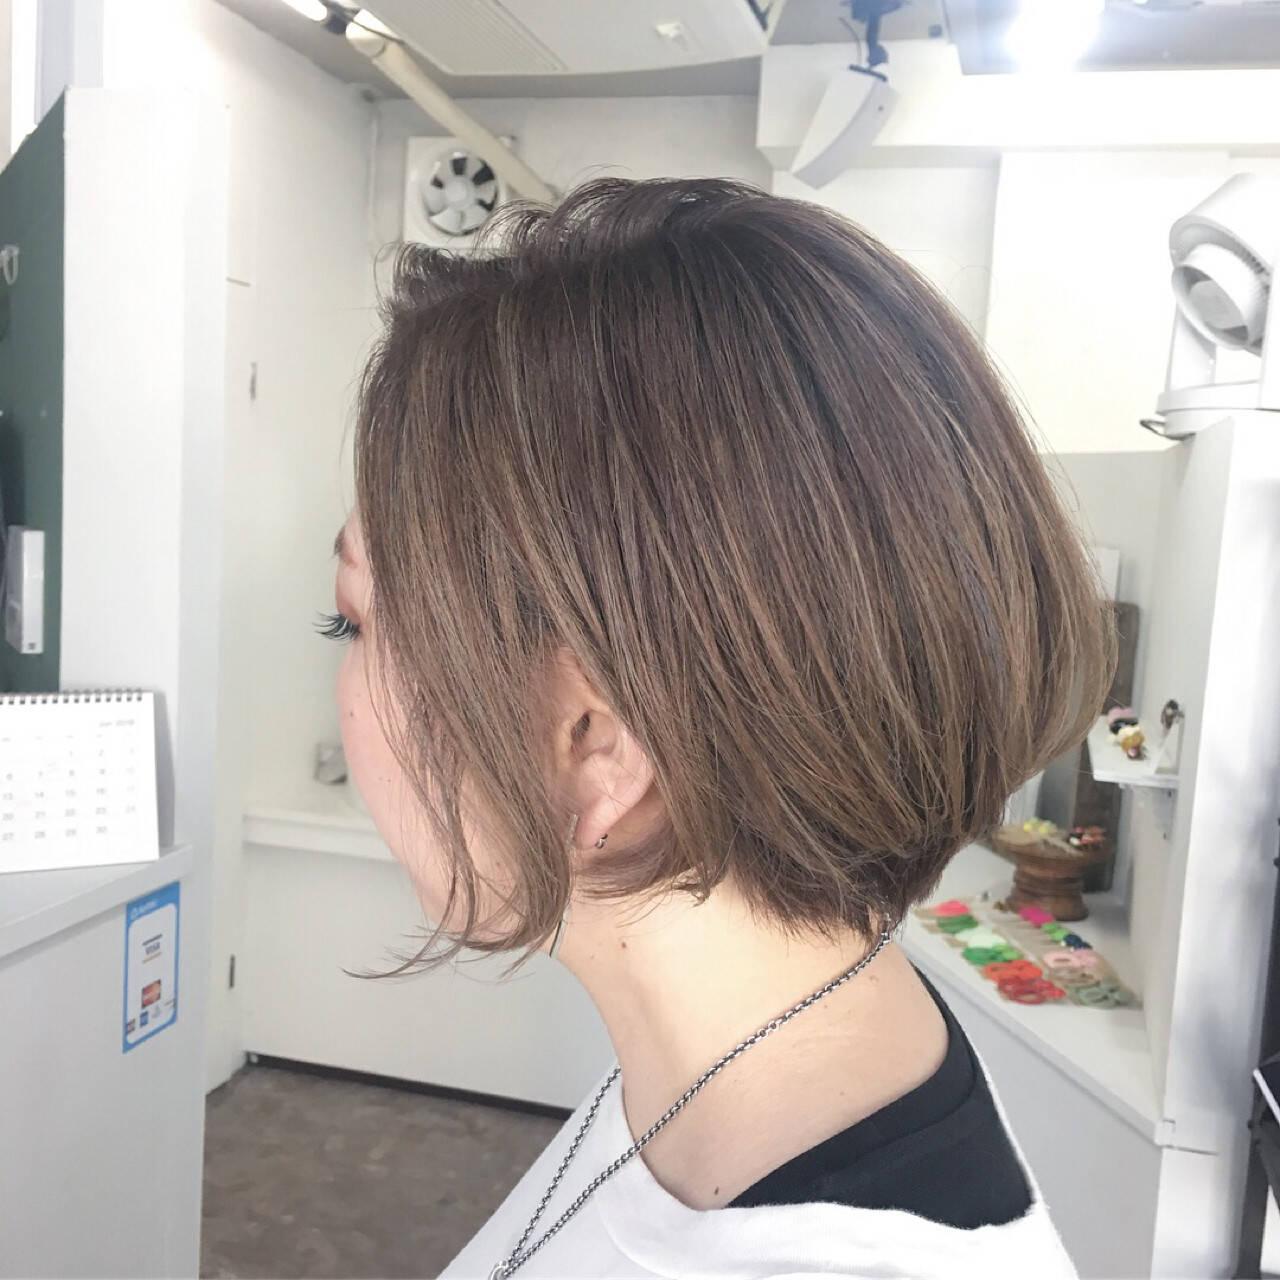 大人女子 ハイライト ショート ボブヘアスタイルや髪型の写真・画像